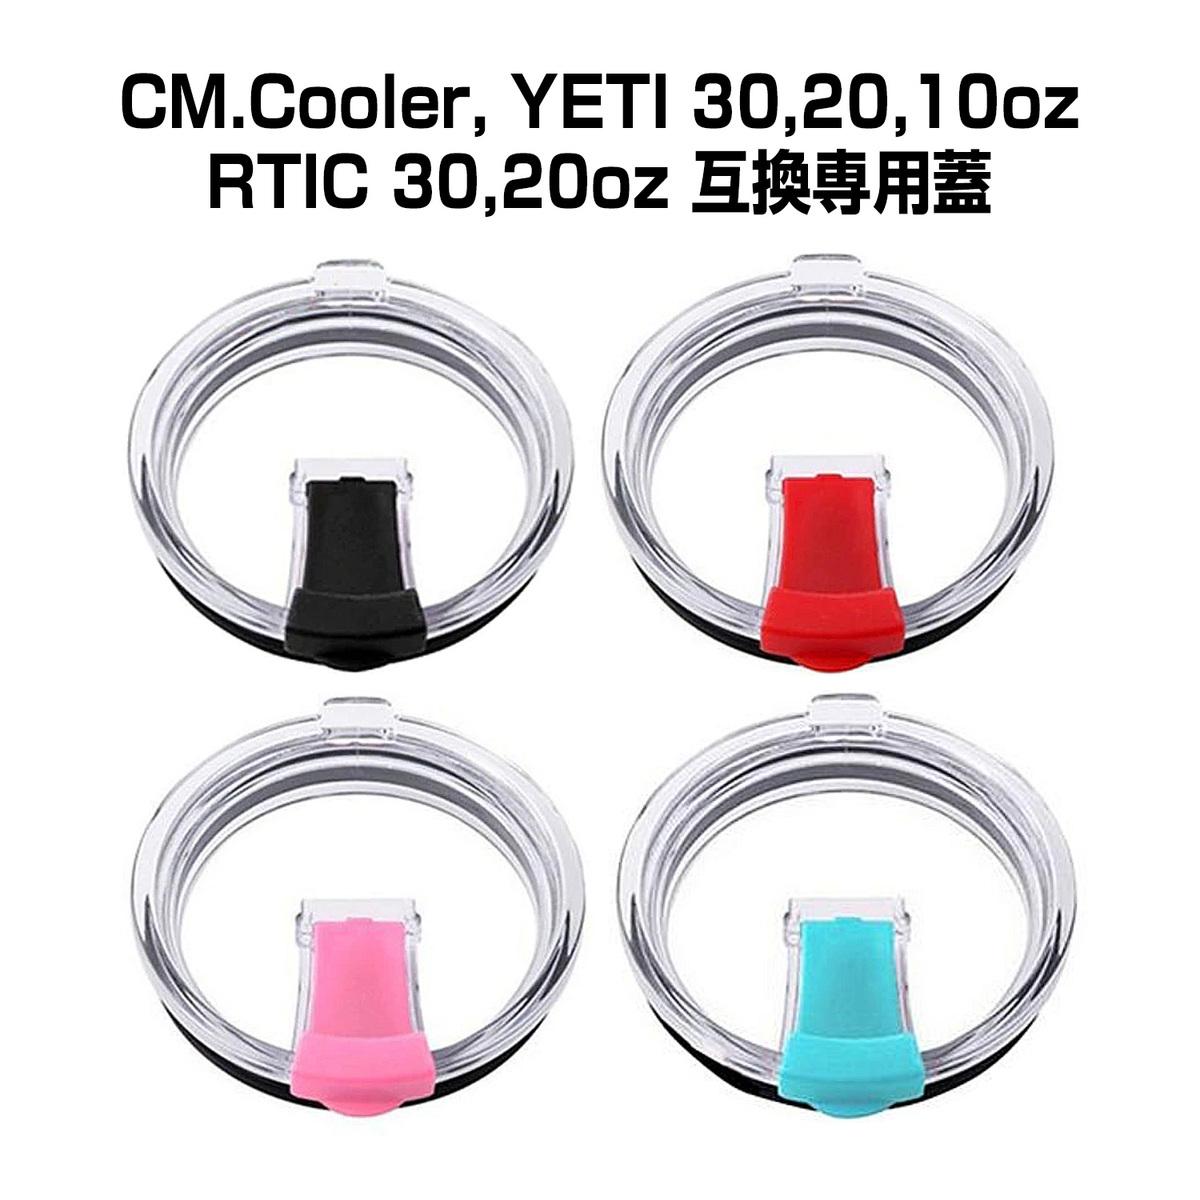 密閉型の蓋をすると容器内の保冷 保温効果が最大源に発揮します 9 《週末限定タイムセール》 4 20時~ P10倍 タンブラー 蓋 のみ だけ 黒 赤 ターコイズ ピンク コップ用リッド ふた Trail 密閉型 30oz タンブラーの蓋 タンブラー用 真空断熱タンブラー 10oz フタ CM.Cooler RTIC 送料無料 YETI 20oz Ozark 倉庫 互換